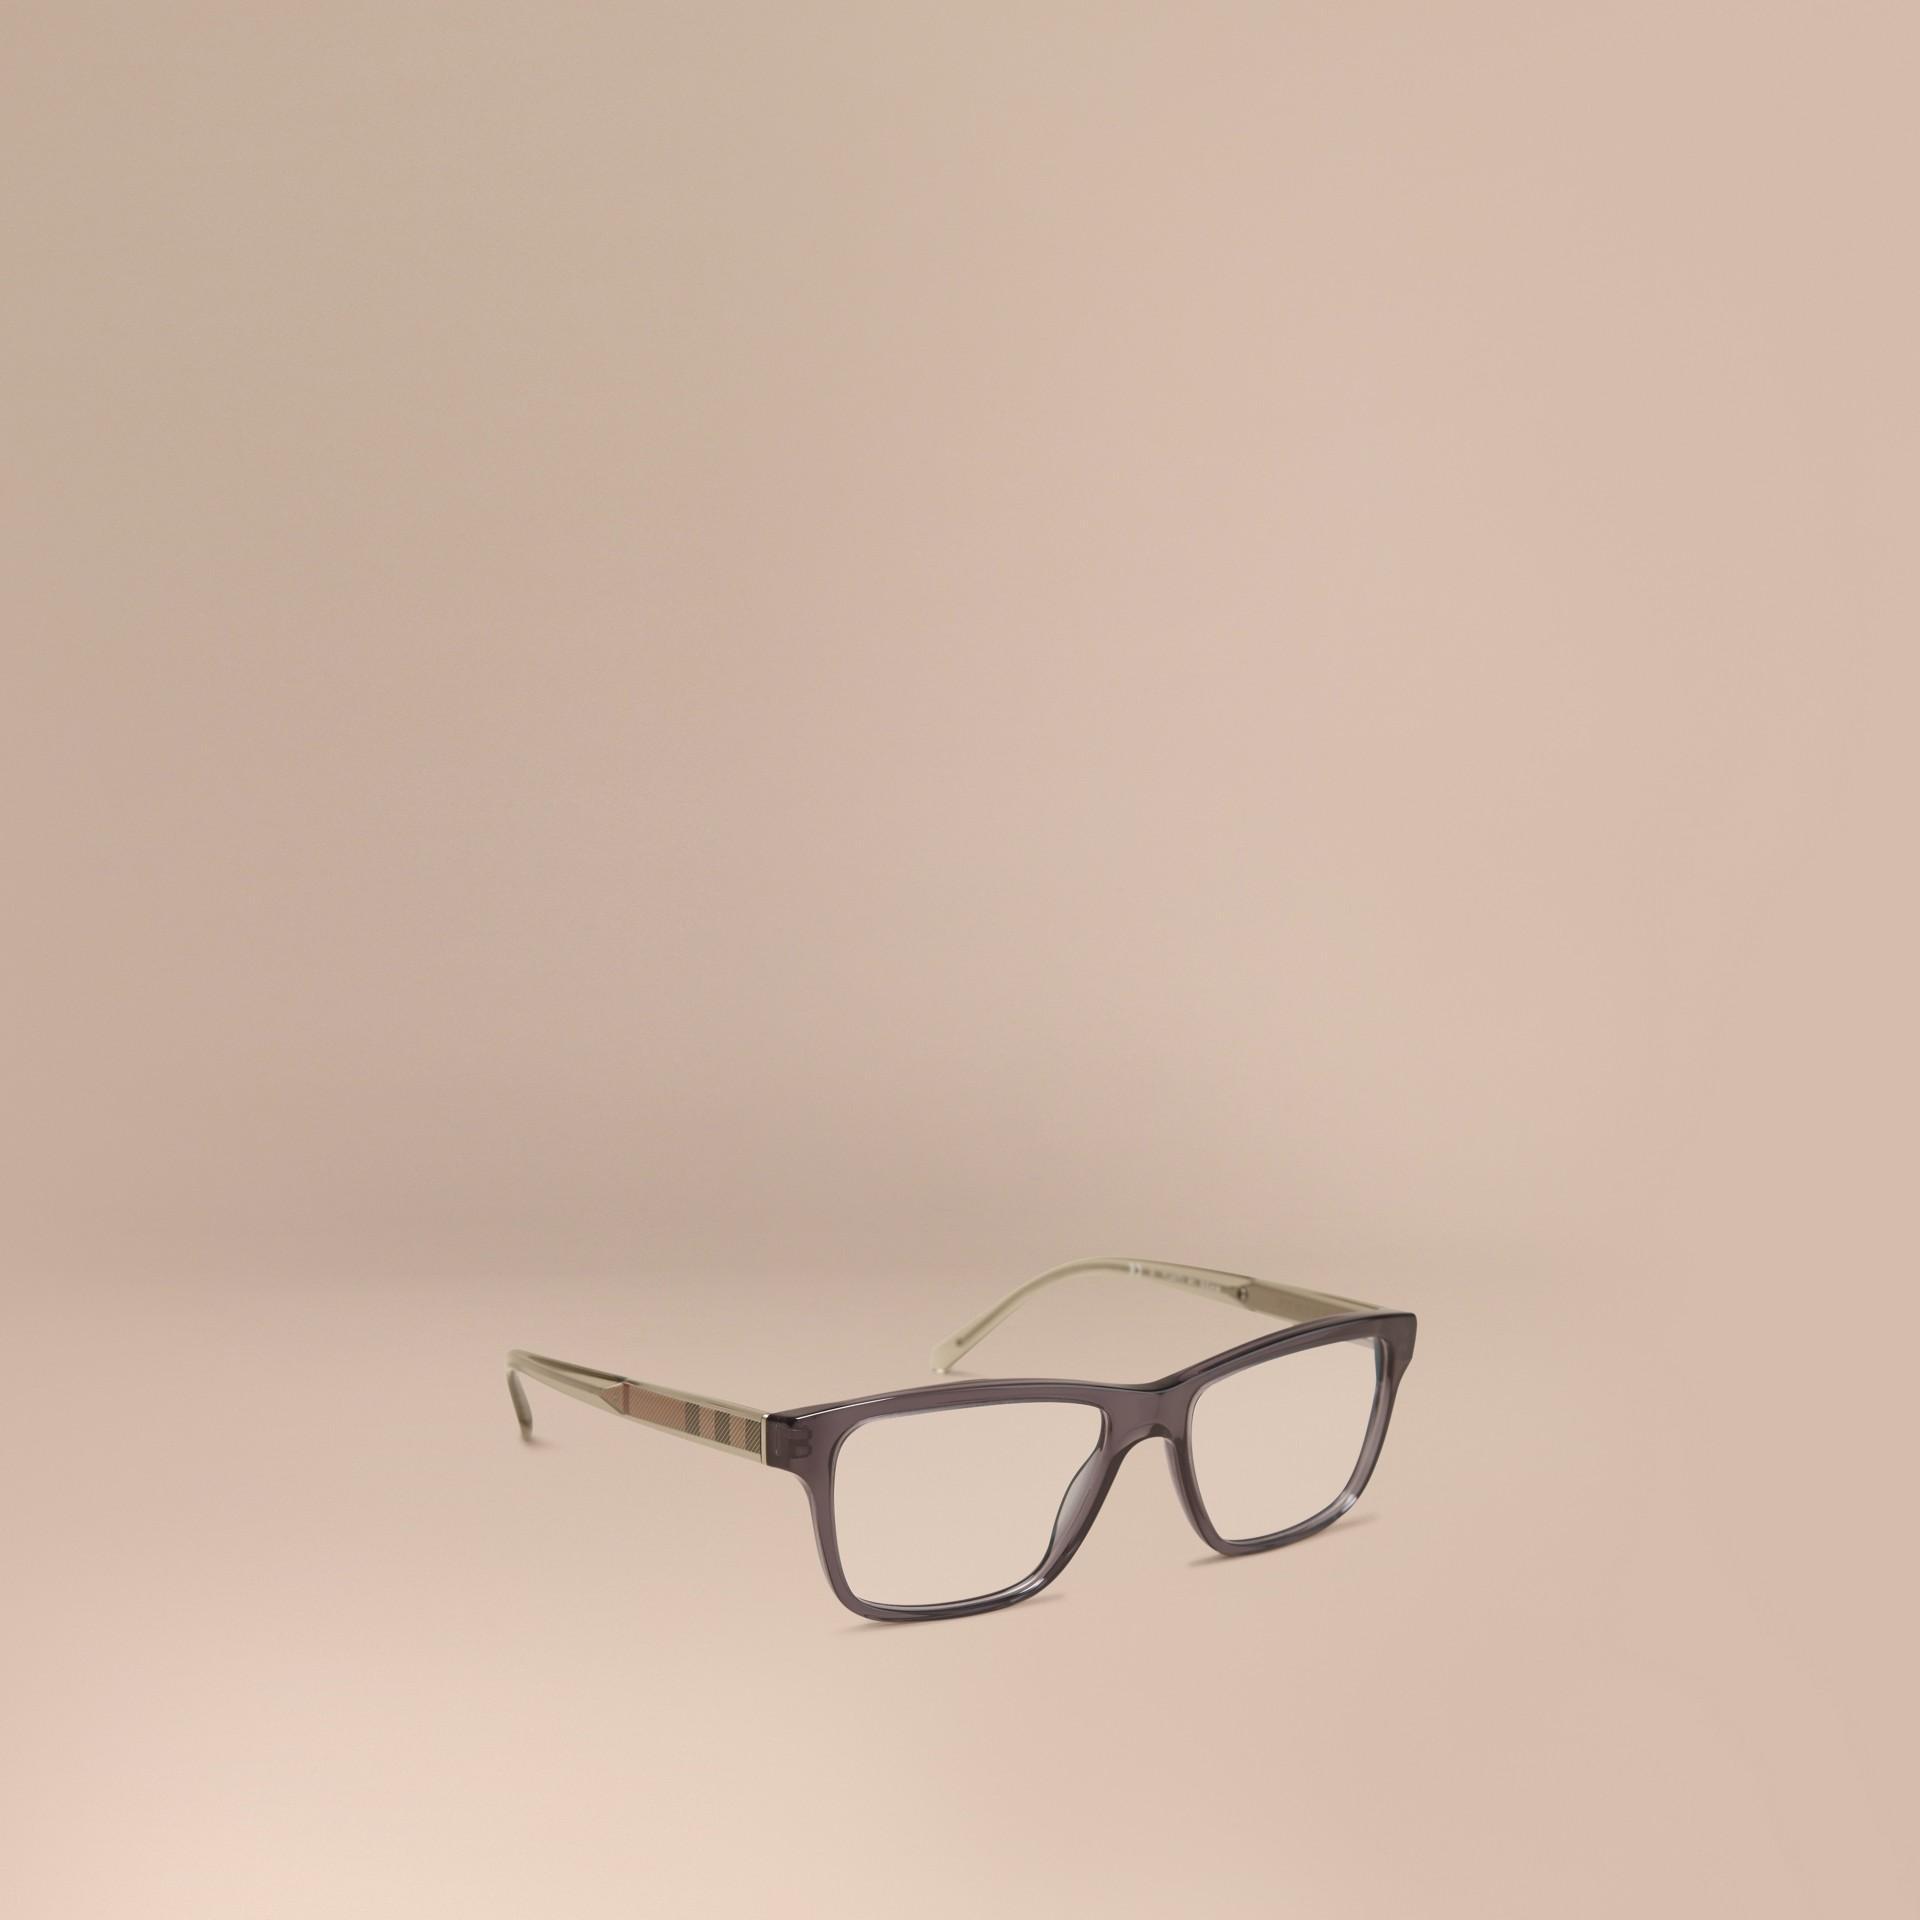 Grigio scuro Montatura da vista rettangolare con dettaglio check Grigio Scuro - immagine della galleria 1